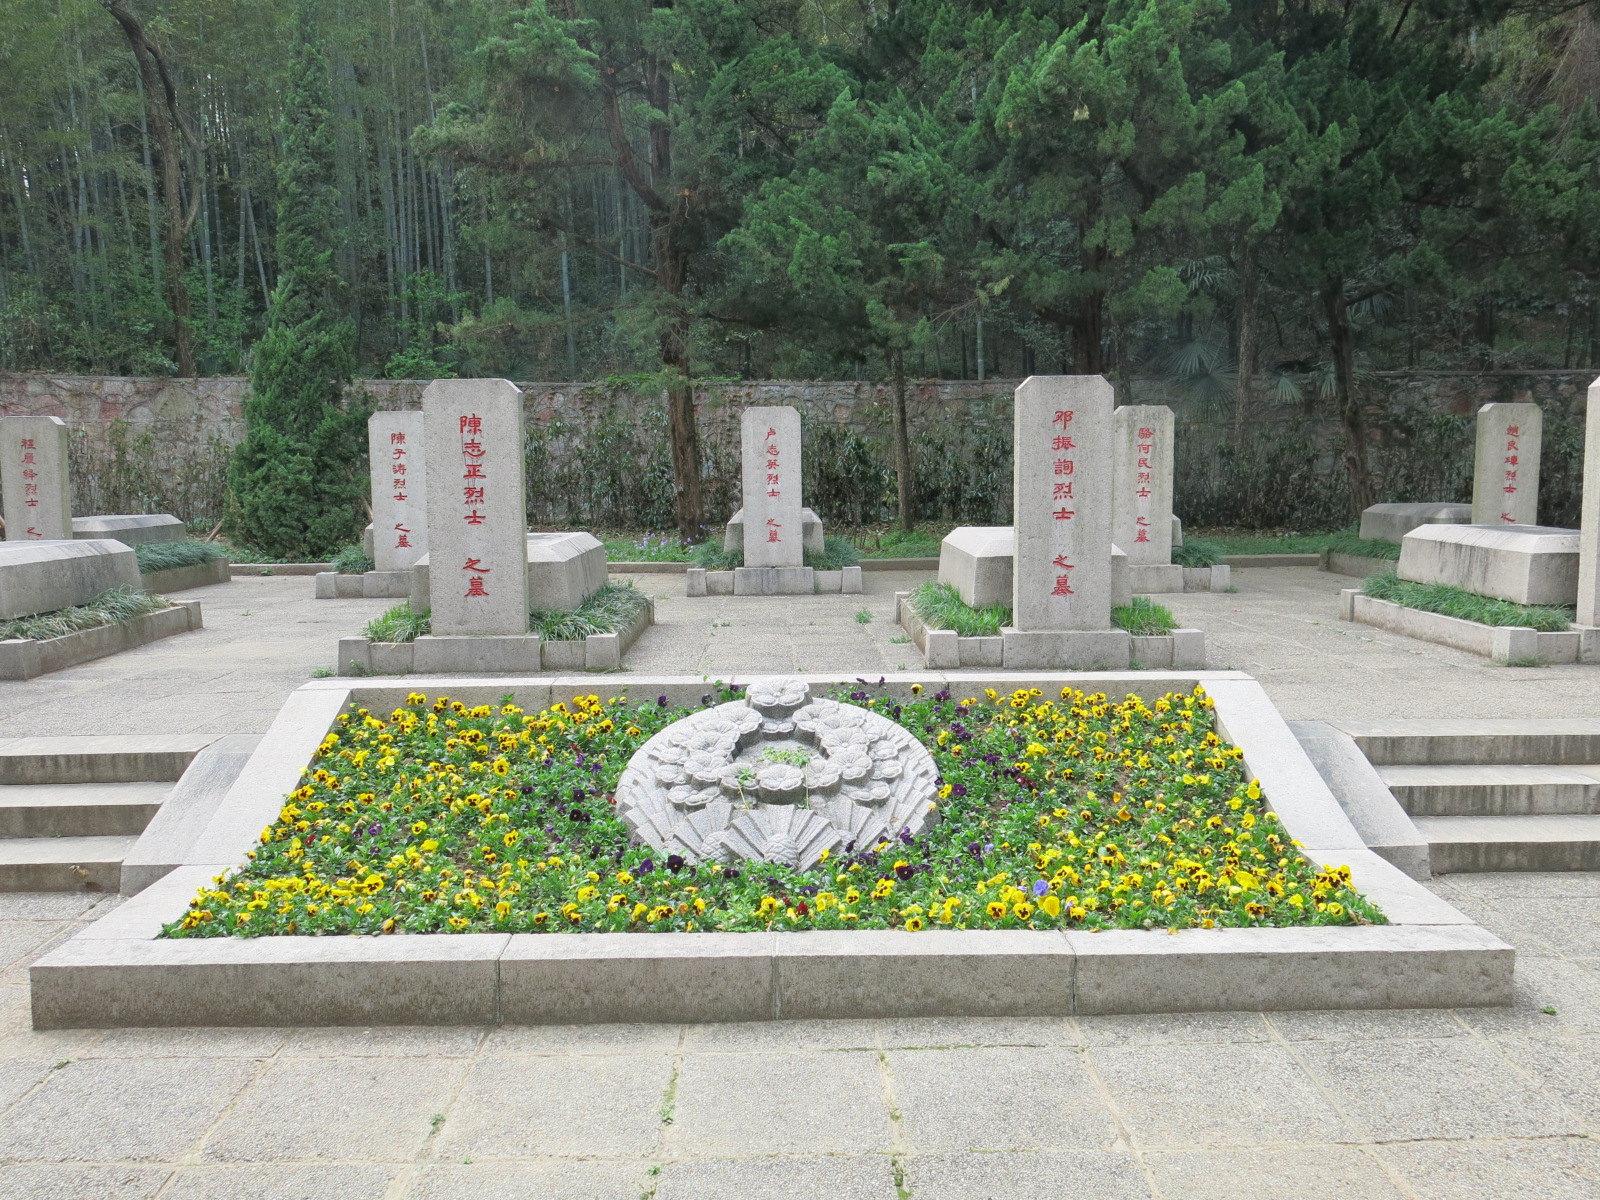 歷史背景:1927年蔣介石發動四一二政變叛變革命到1949年新中國成立前夕,雨花台變成了國民黨屠殺中國共產黨員和愛國人士的刑場。這二十二年中,約有近十萬的共產黨人、工人、農民、知識分子等革命的志士、愛國人士在此被殺害,壯烈犧牲,這里撒滿了烈士們的鮮血。1950年,南京人民為了紀念革命先烈,在這里興建了雨花台烈士陵園